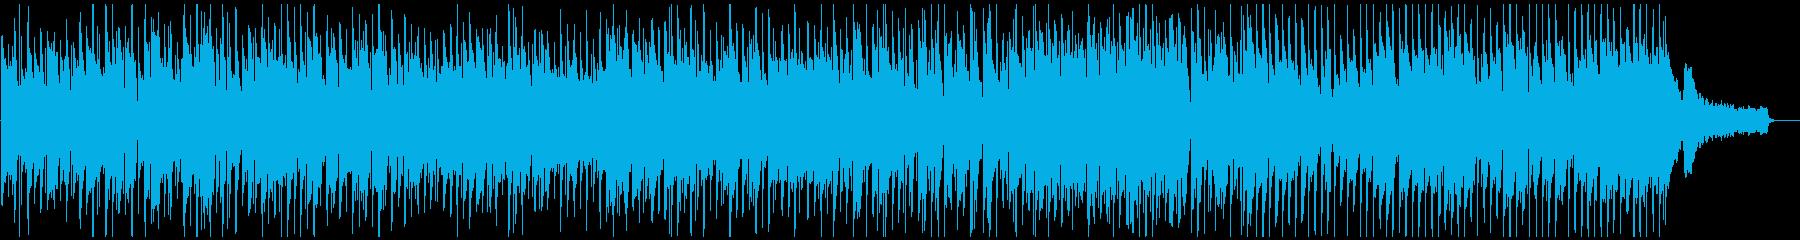 わくわく陽気な明るいリコーダー・ポップの再生済みの波形